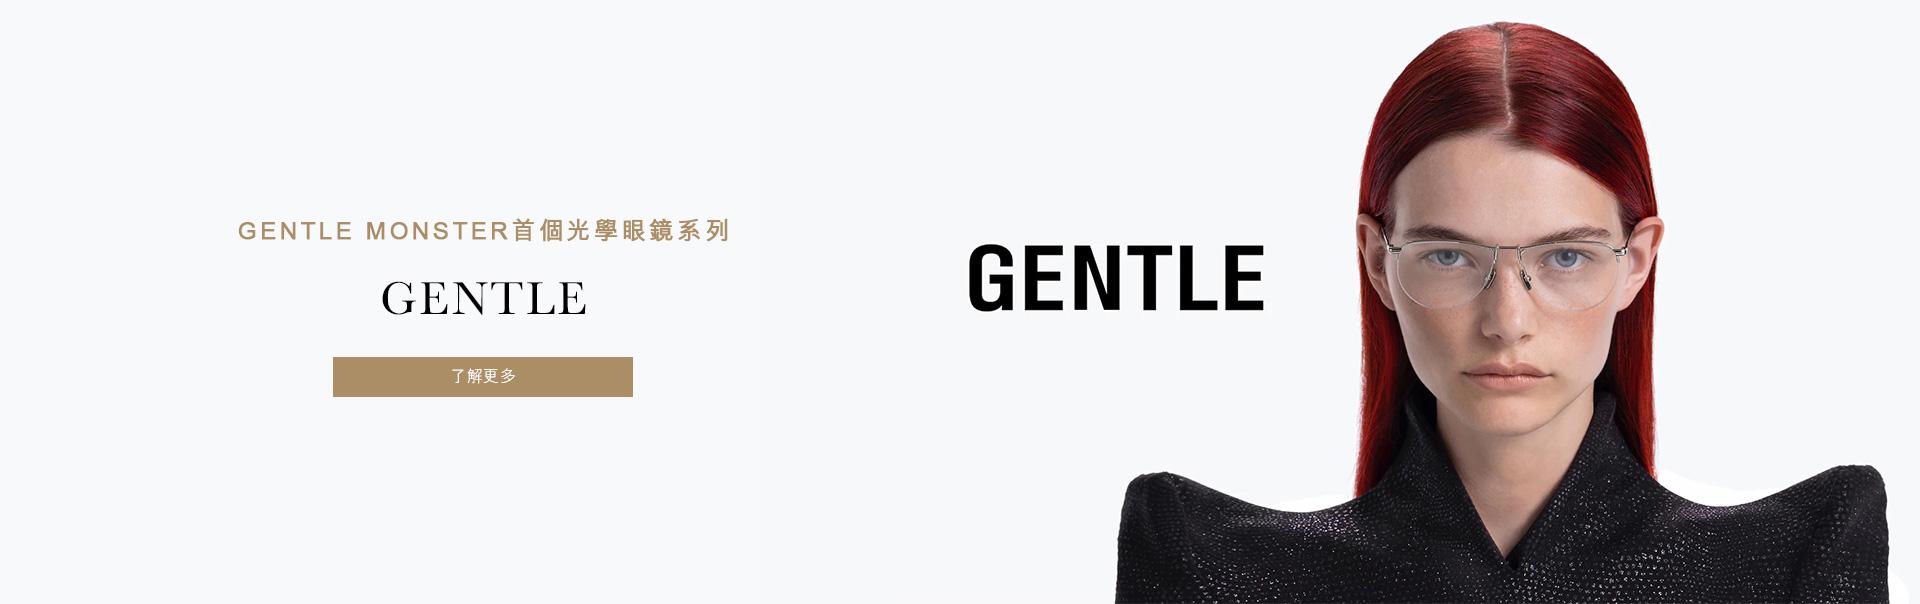 GENTLE MONSTER 全新光學眼鏡系列 GENTLE